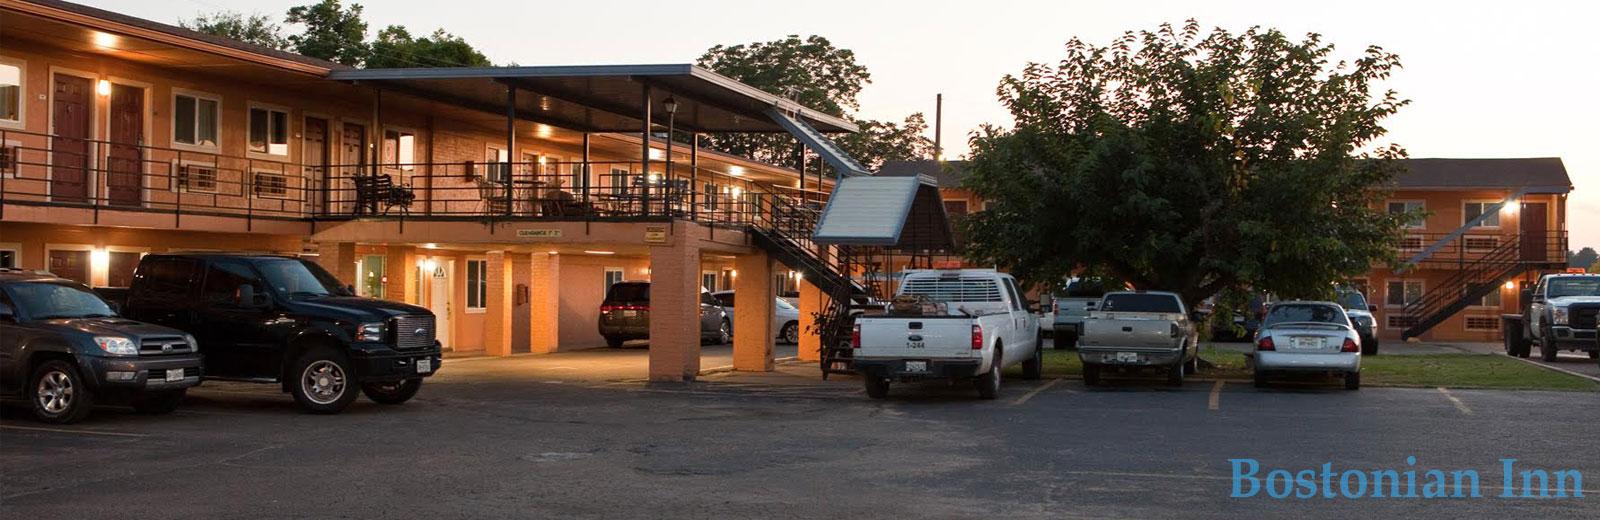 Bostanian Inn Motel